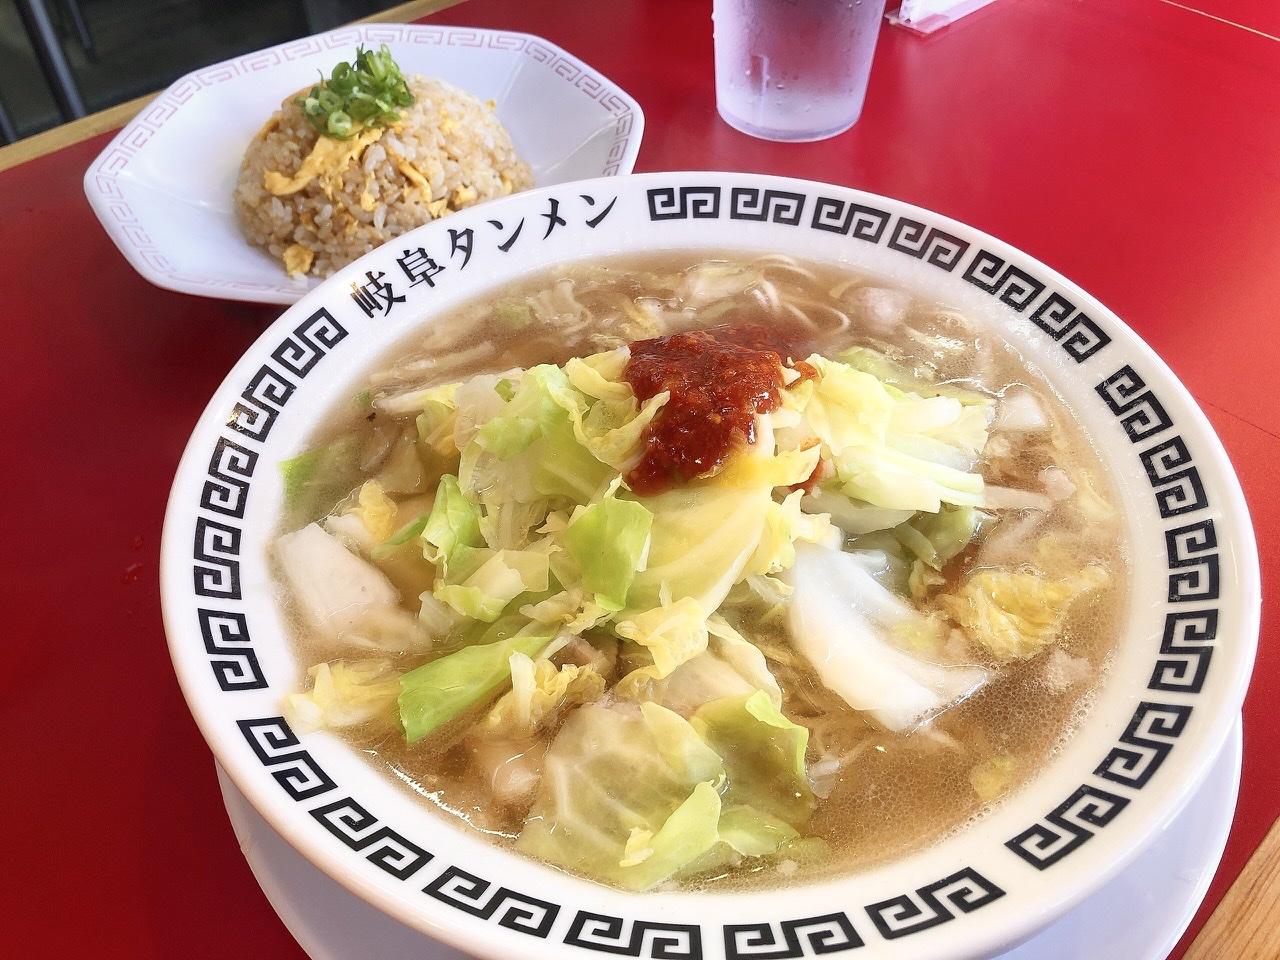 戸田|名古屋市内でも食べられる!元気が出る旨辛ラーメン!